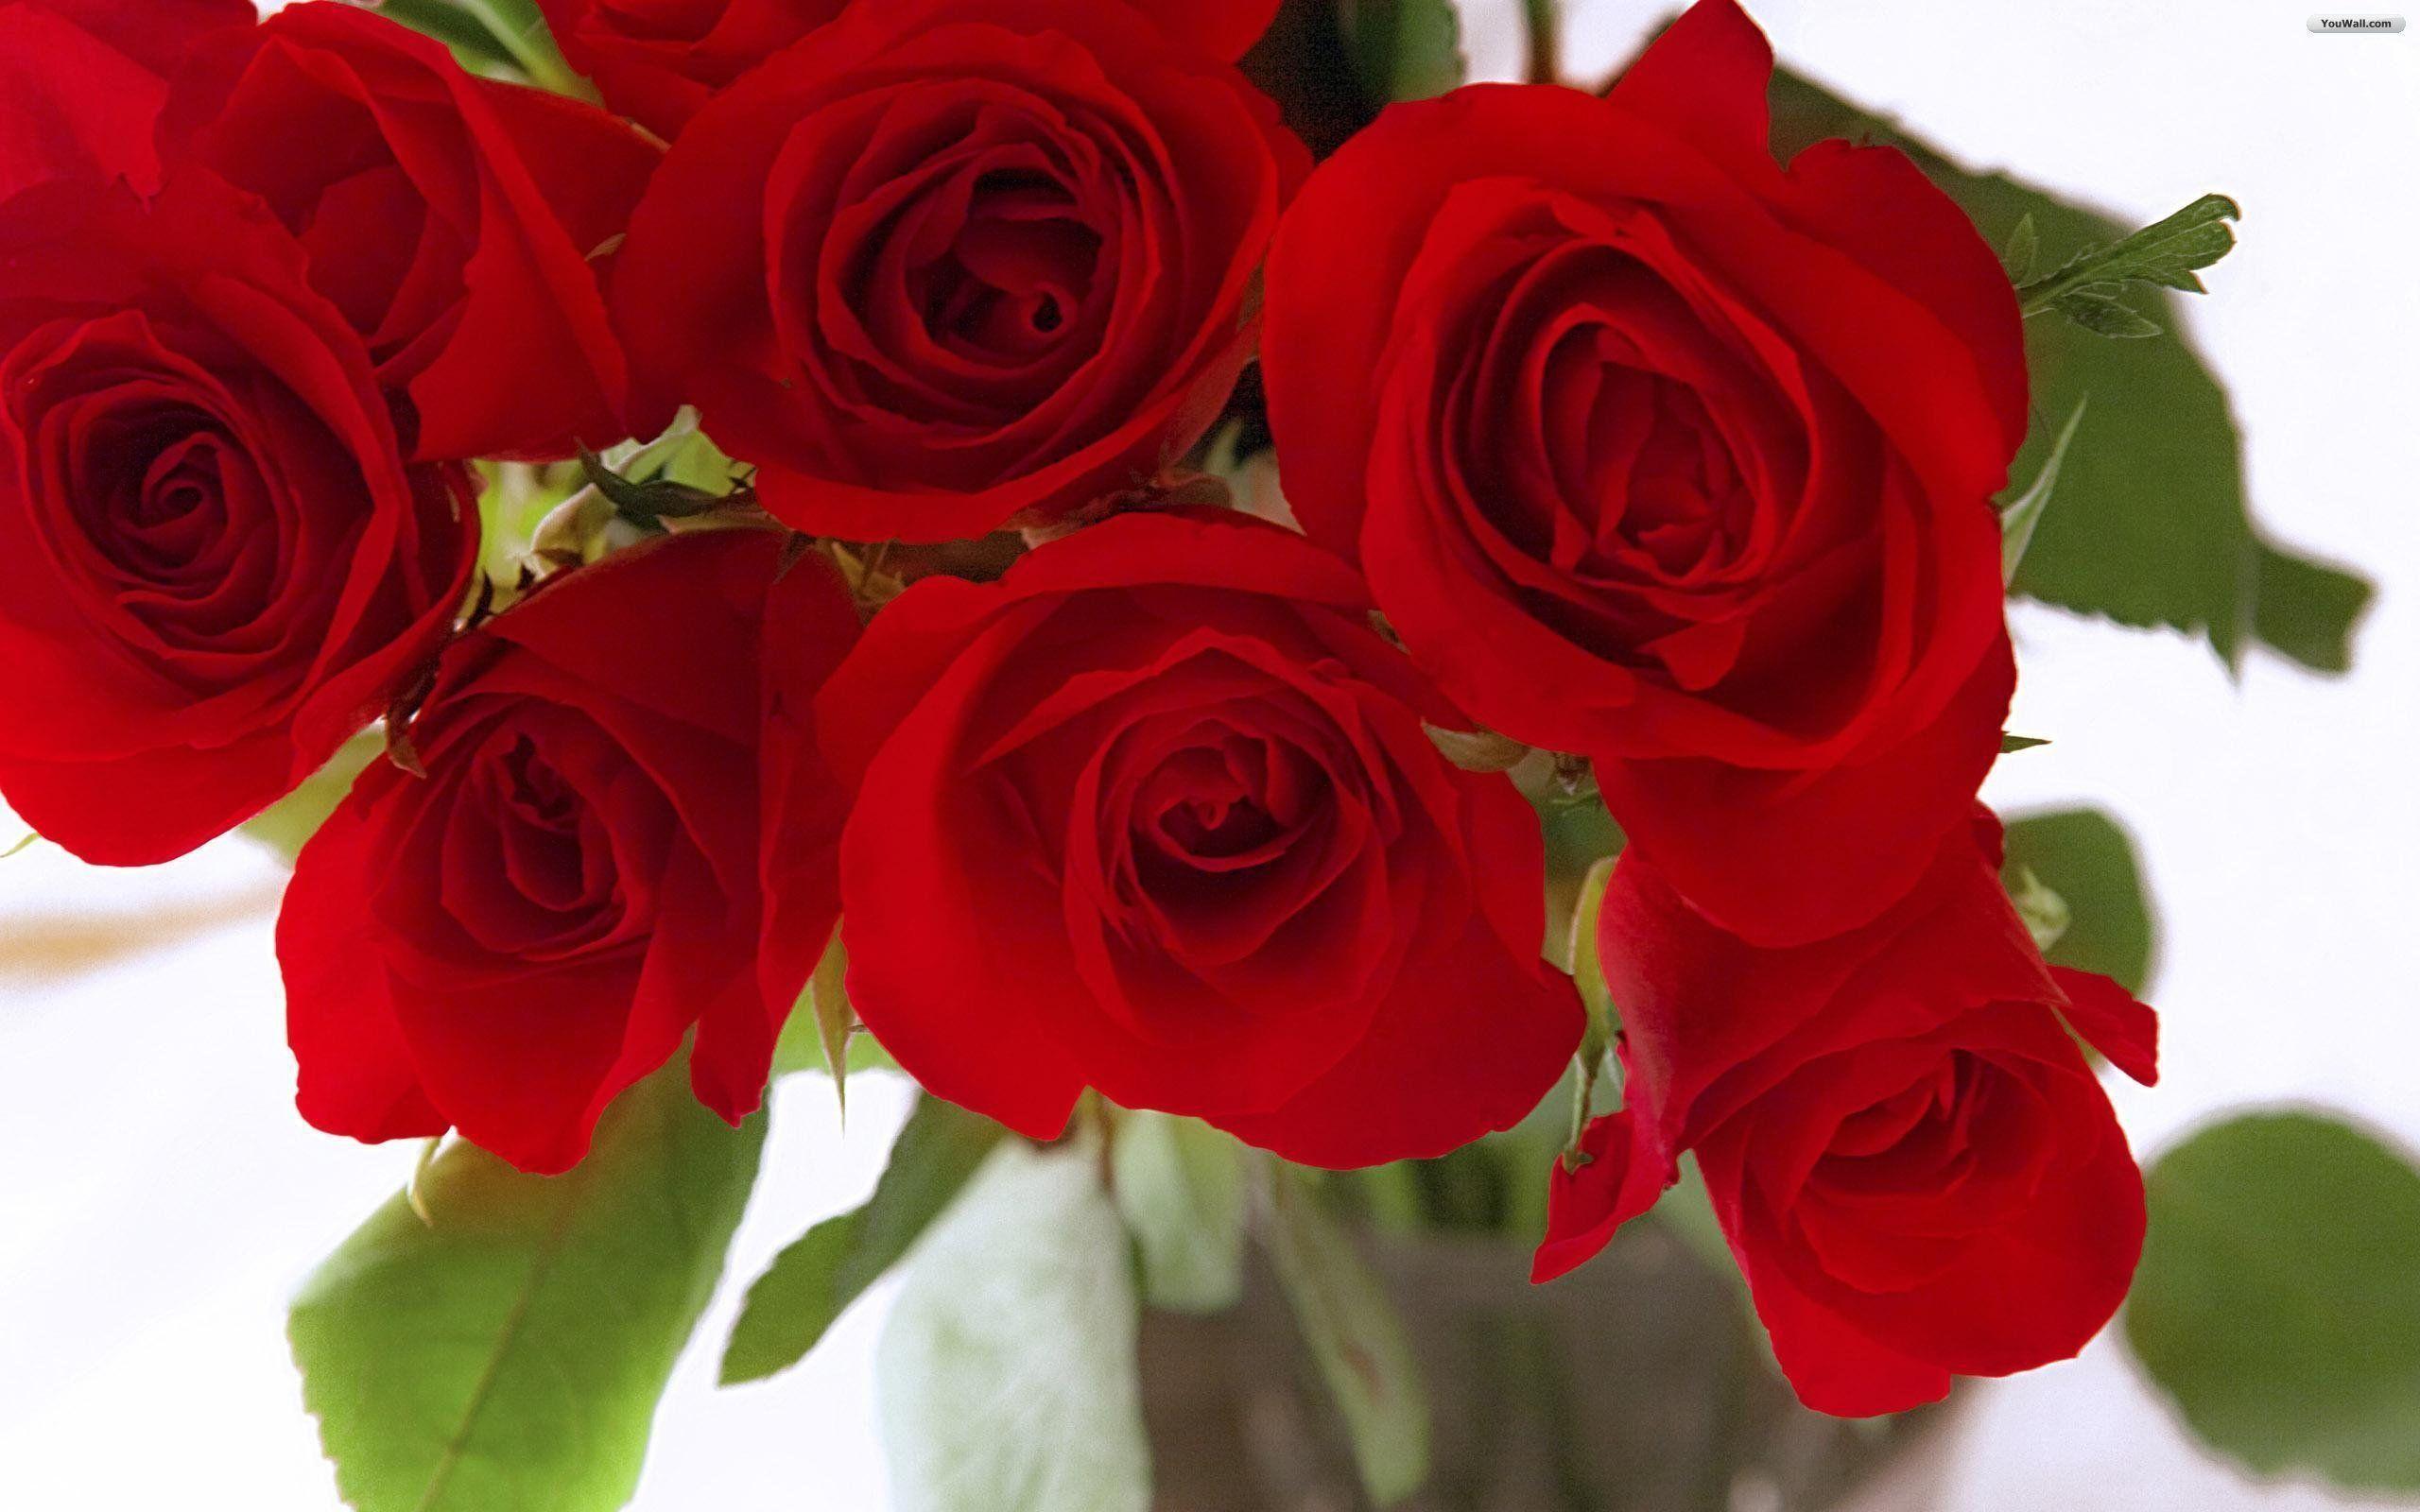 Wallpapers For > Red Rose Wallpaper For Desktop